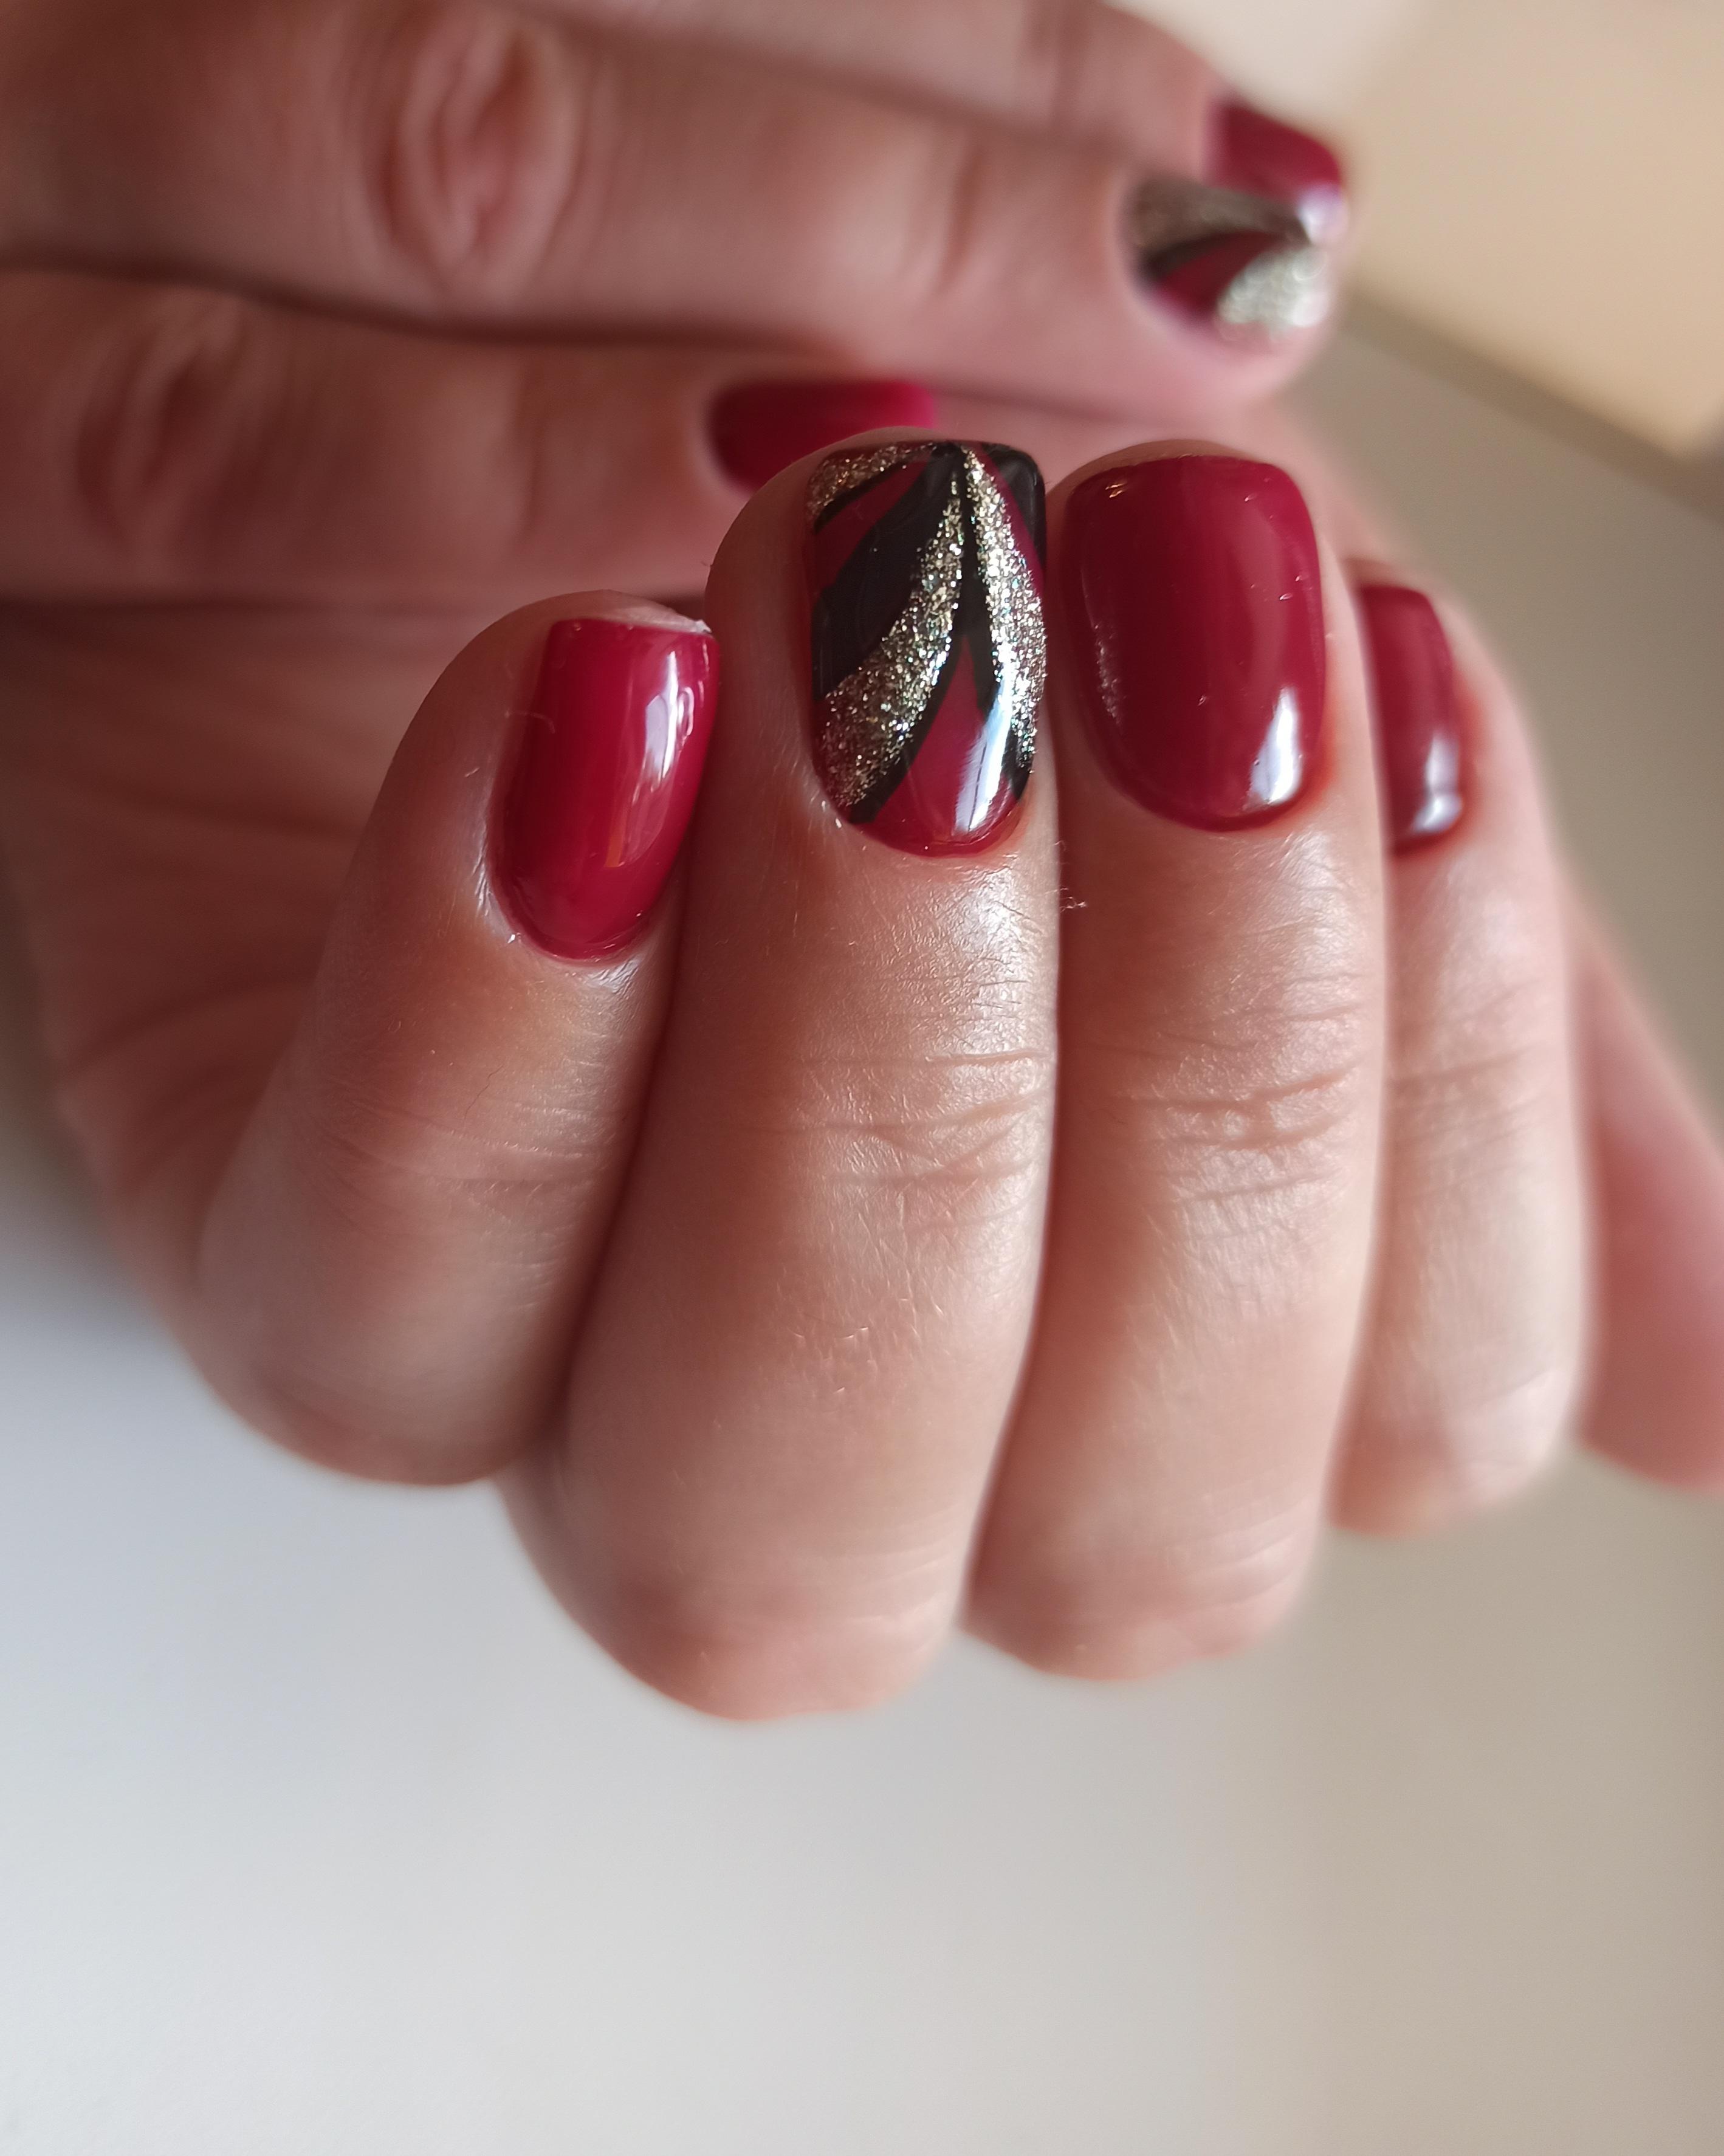 Маникюр с рисунком и блестками в бордовом цвете на короткие ногти.